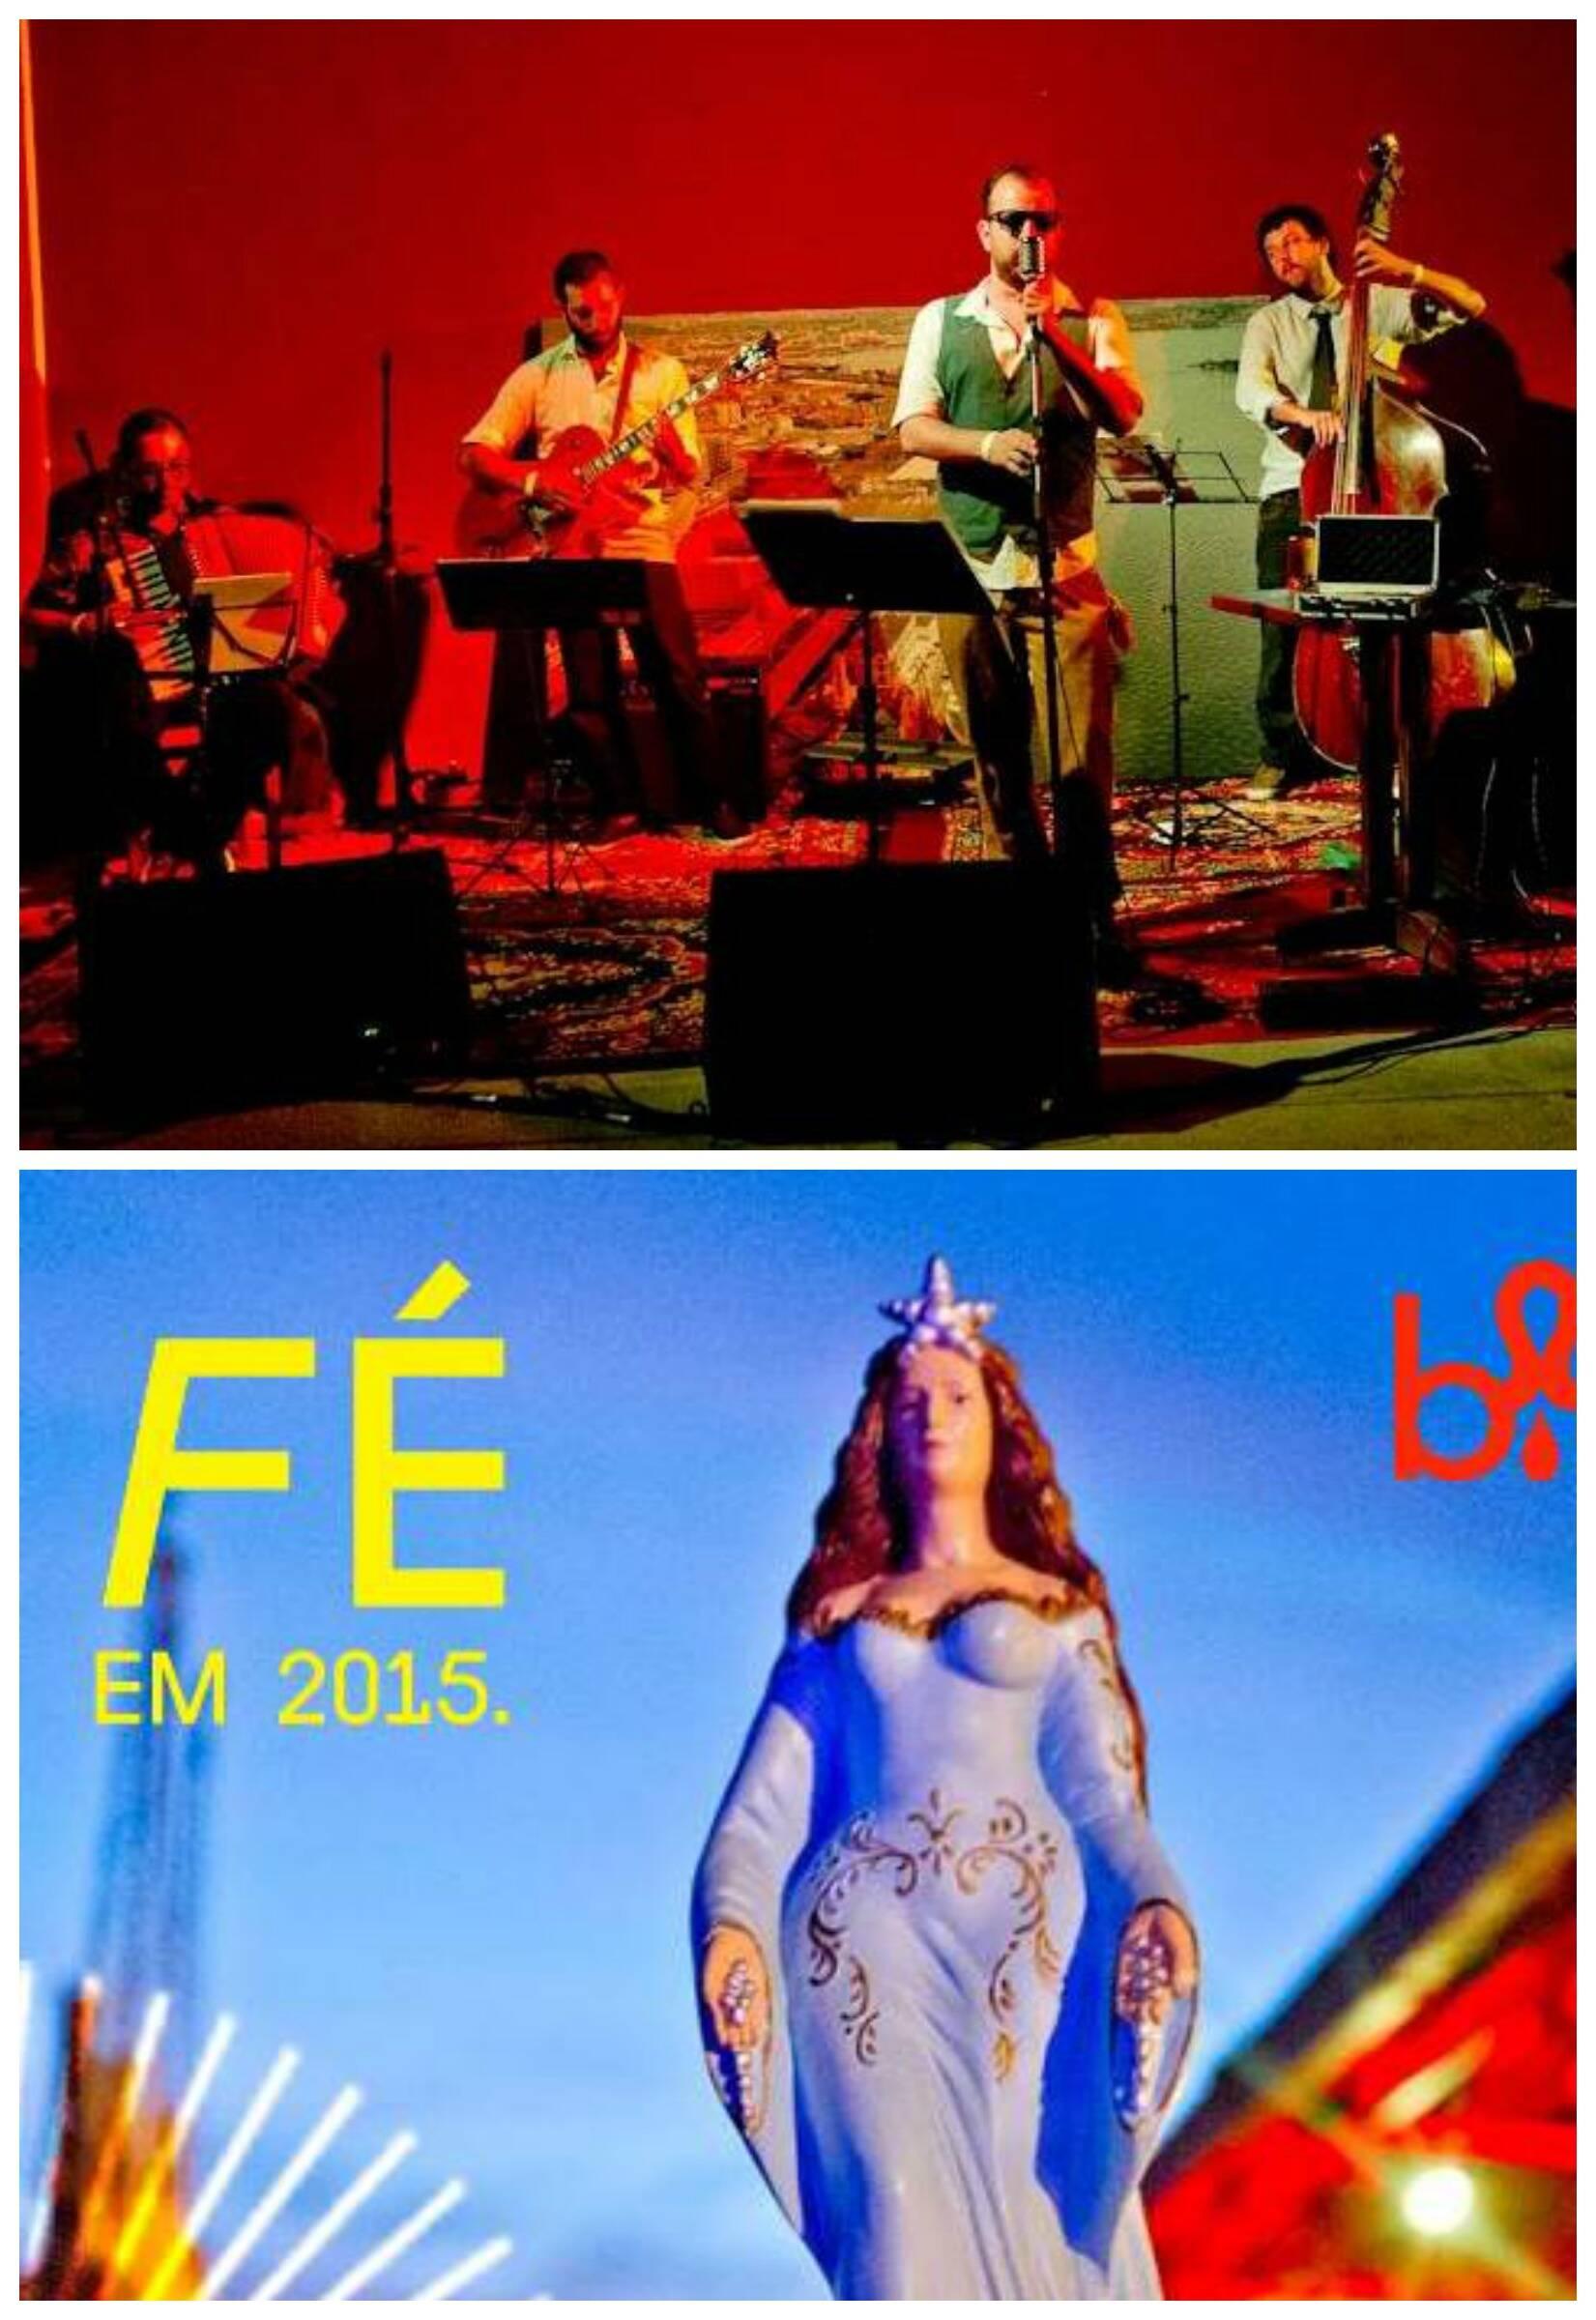 No alto, a OgroJazzBand em ação e, acima, o convite para a primeira festa Bailinho de 2015 / Fotos: Mariana Vianna